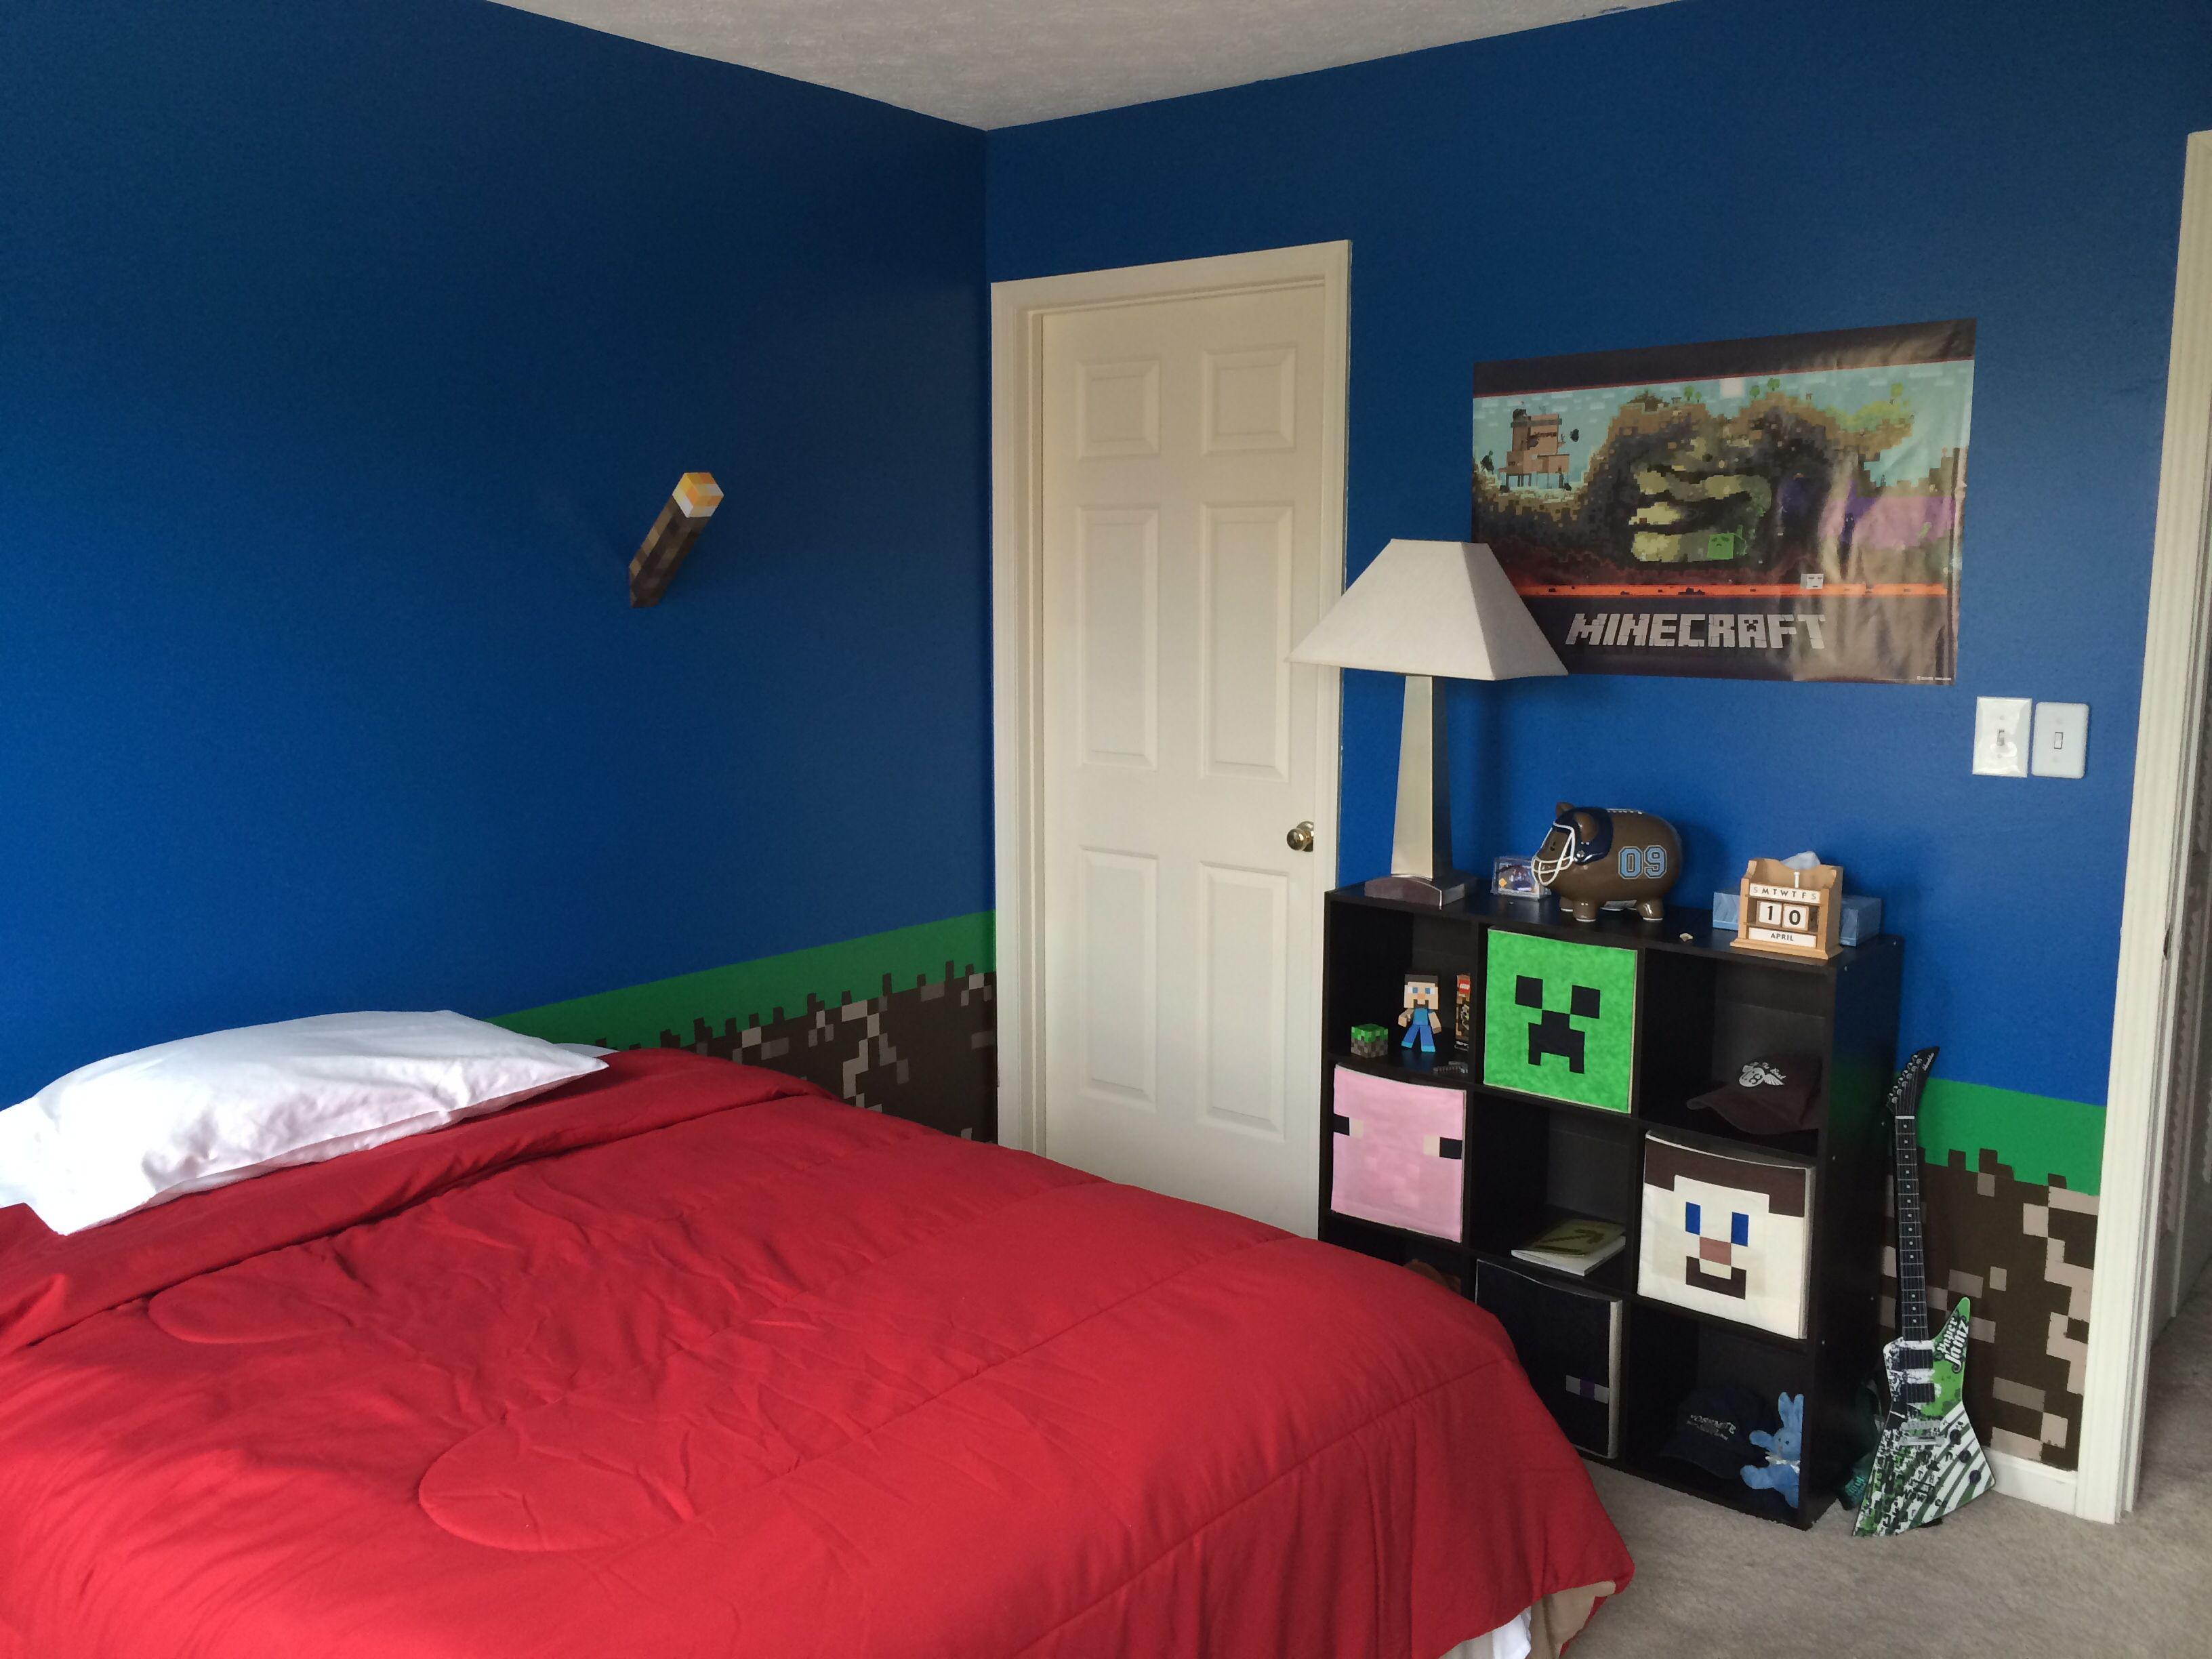 Minecraft Bedroom Alternate Angle Kid S Room Stuff